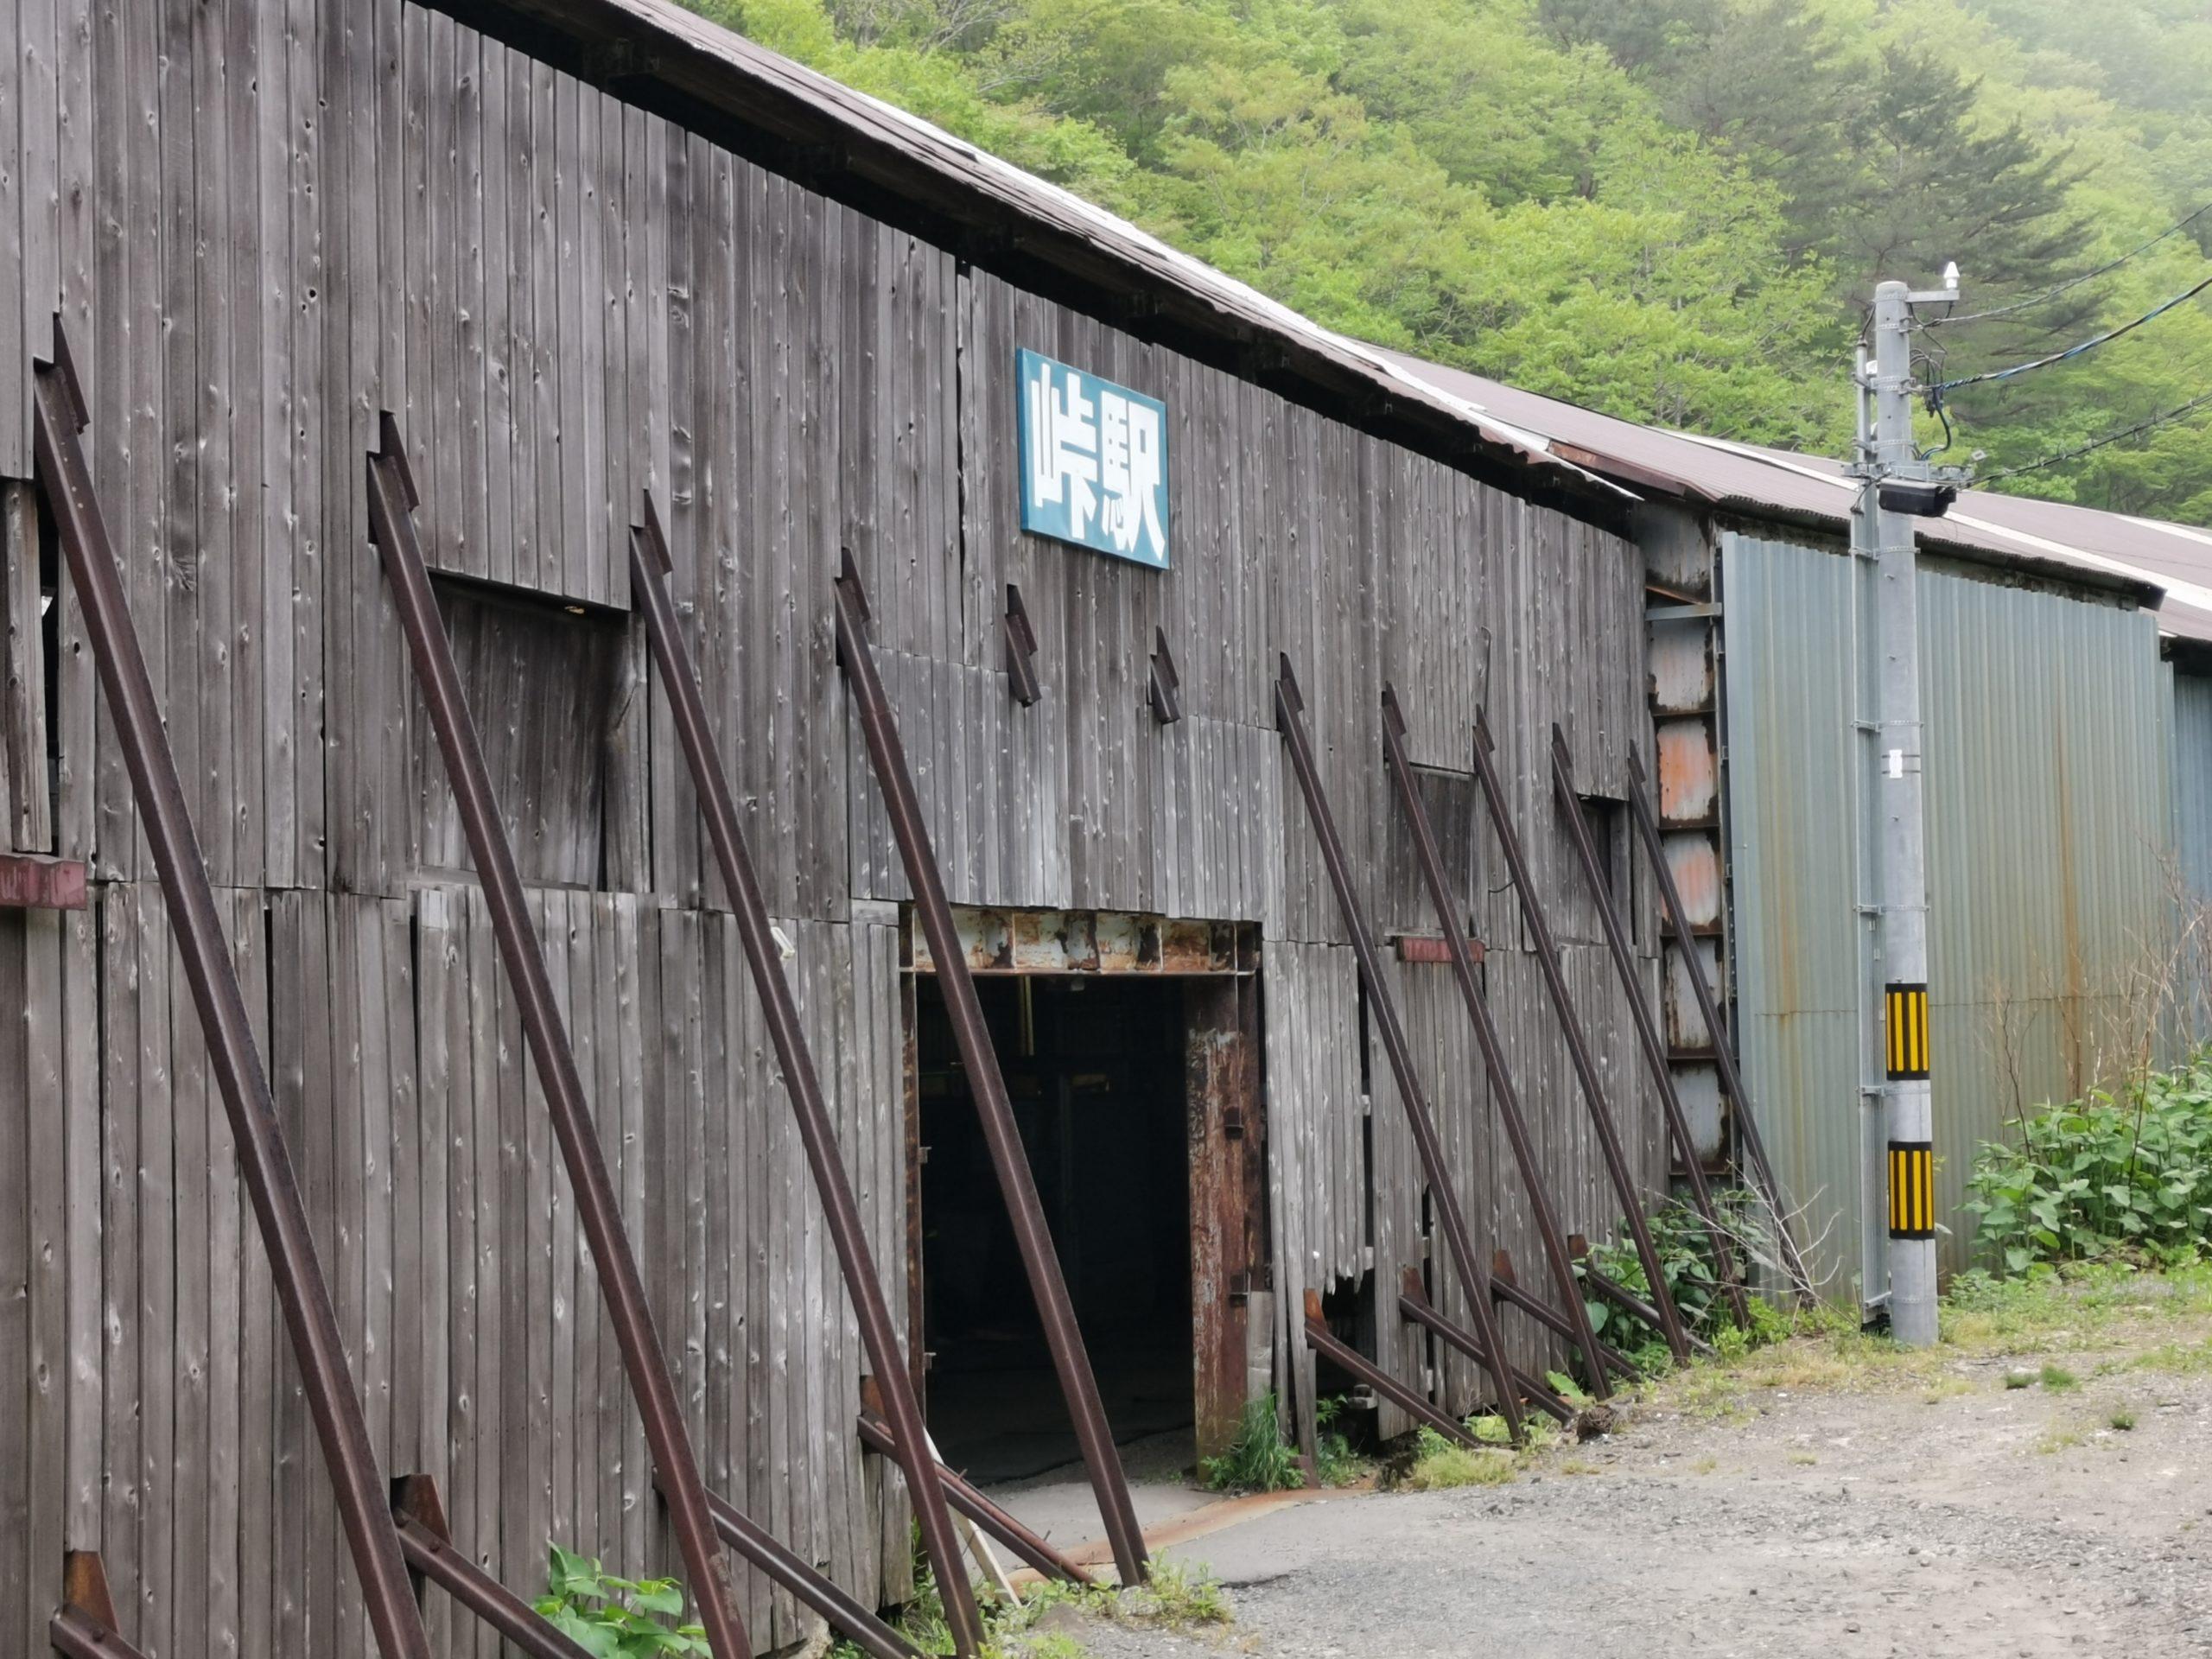 【見た目は廃駅?】奥羽本線峠駅 スイッチバックの遺構も残っていた 「峠の茶屋」にも行ってみた